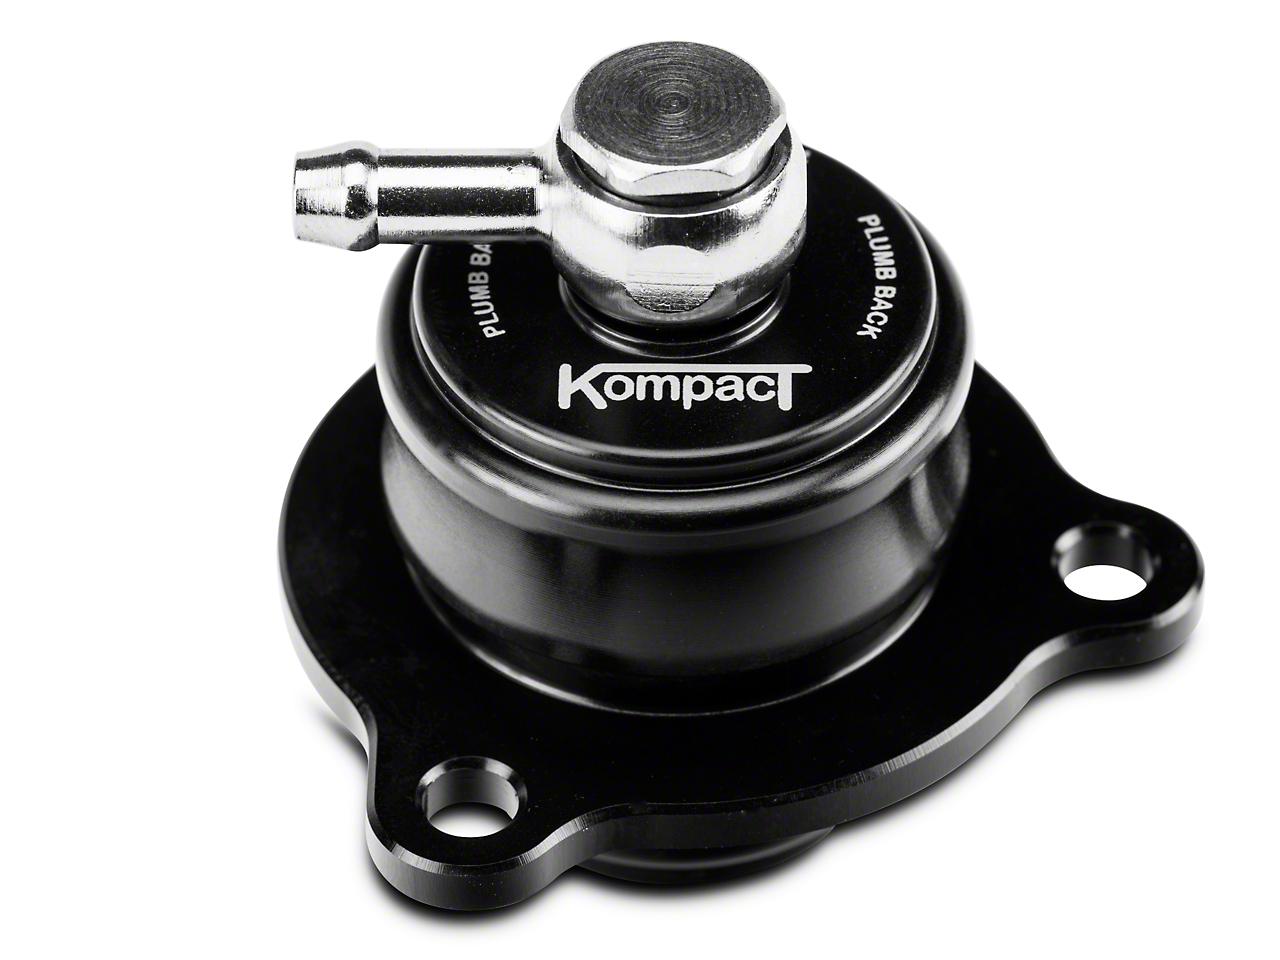 Turbosmart Kompact Shortie Recirculating Blow Off Valve (15-17 Ecoboost)